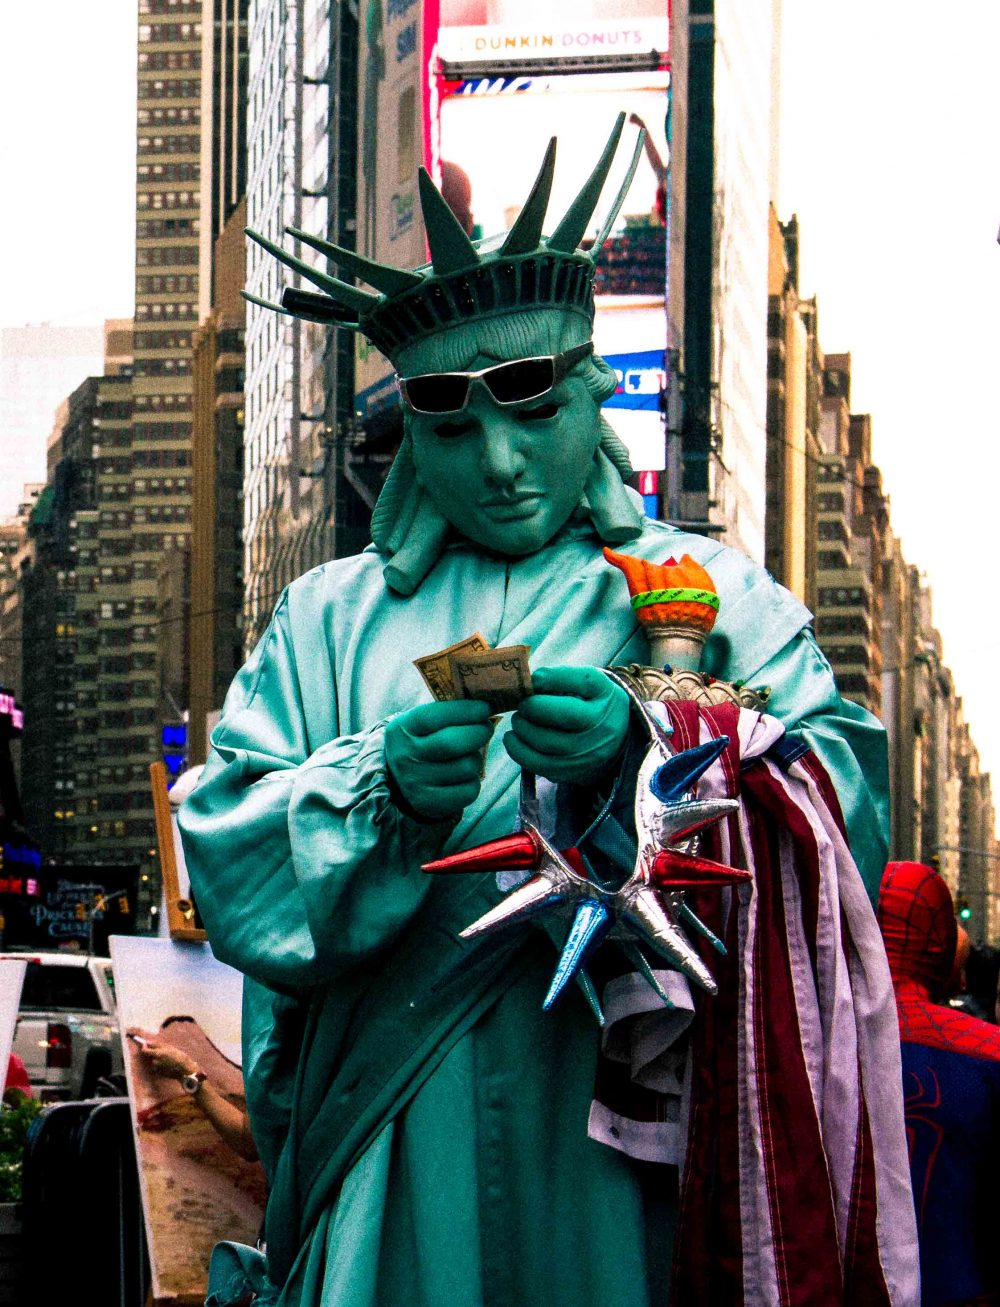 Pedro Díaz filmmaker realizador fotografía New York Statue of Freedom